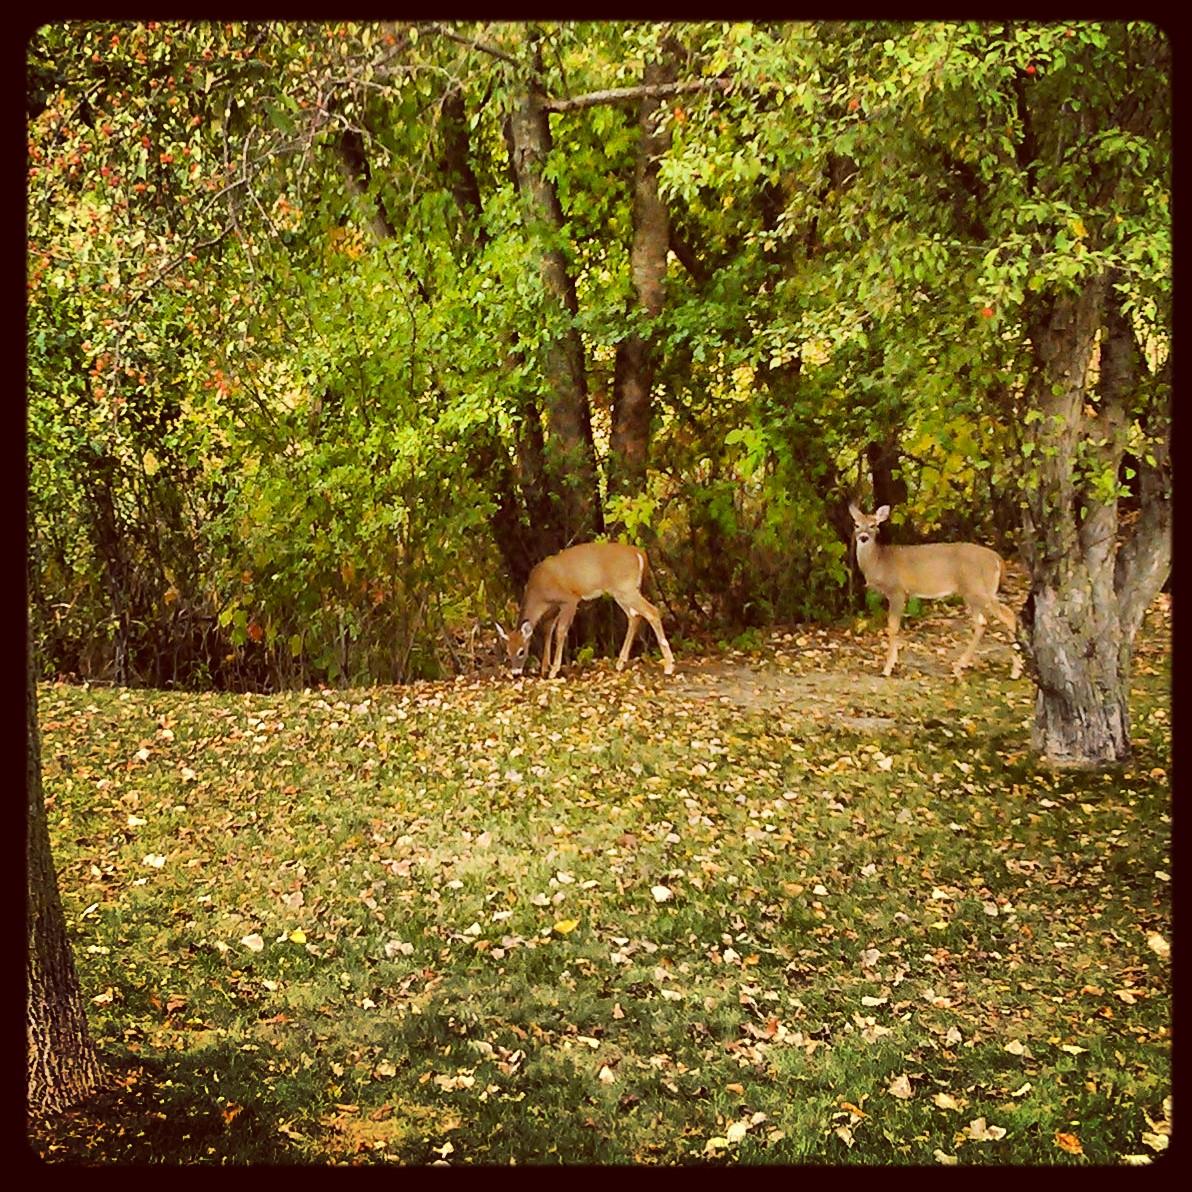 LV deer